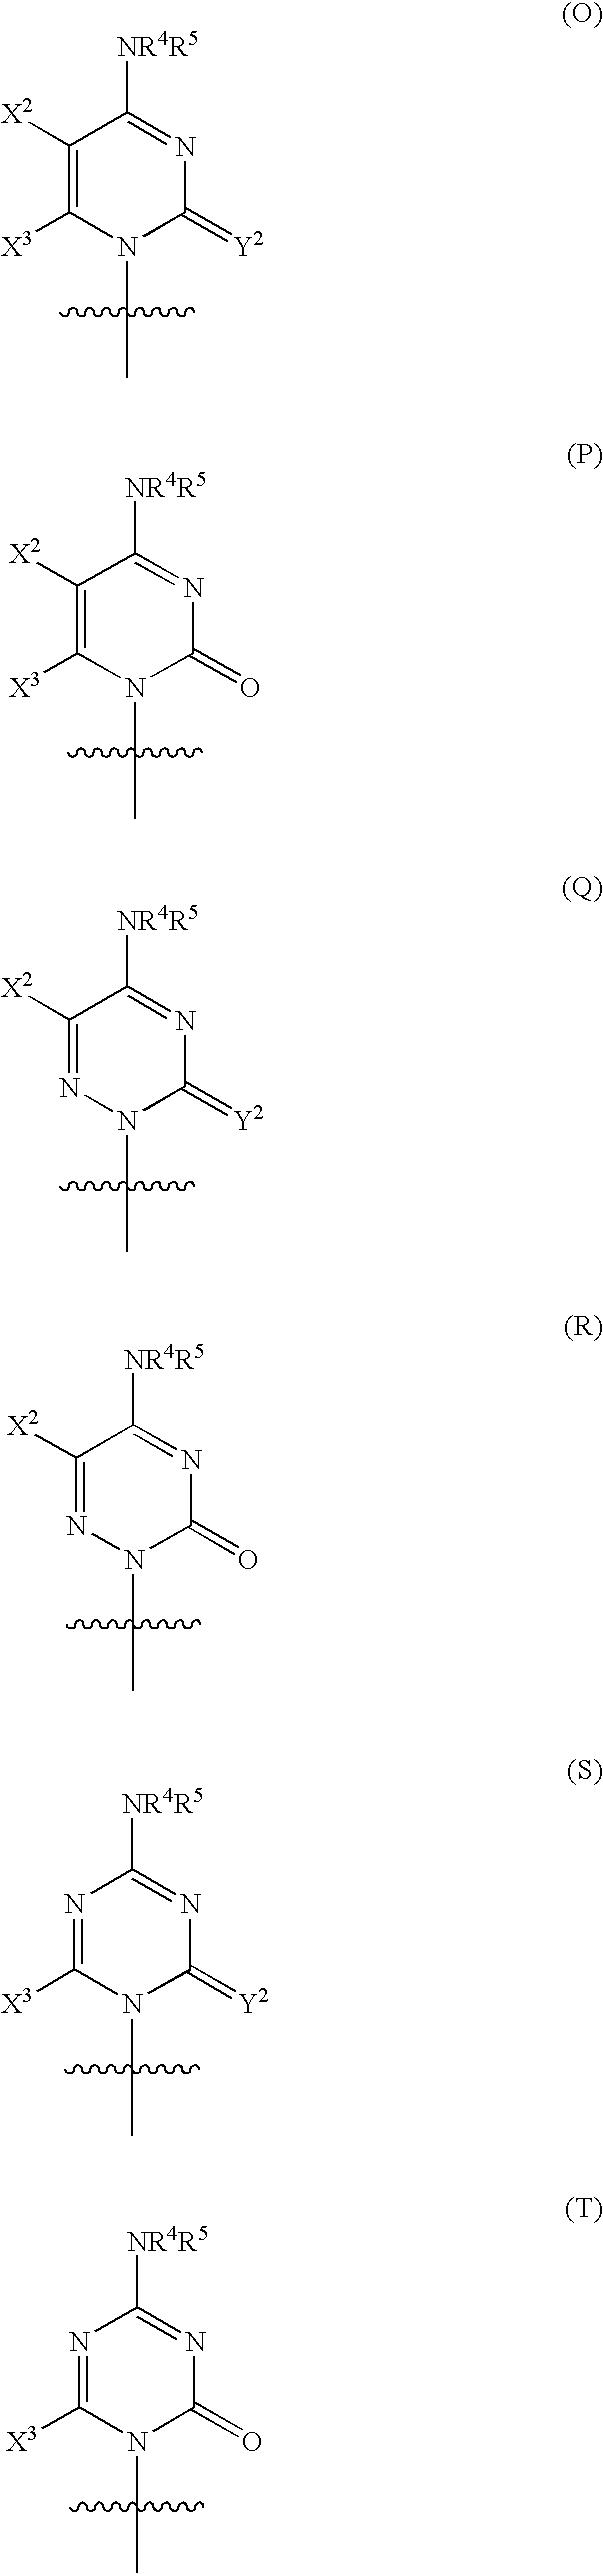 Figure US07608600-20091027-C00006